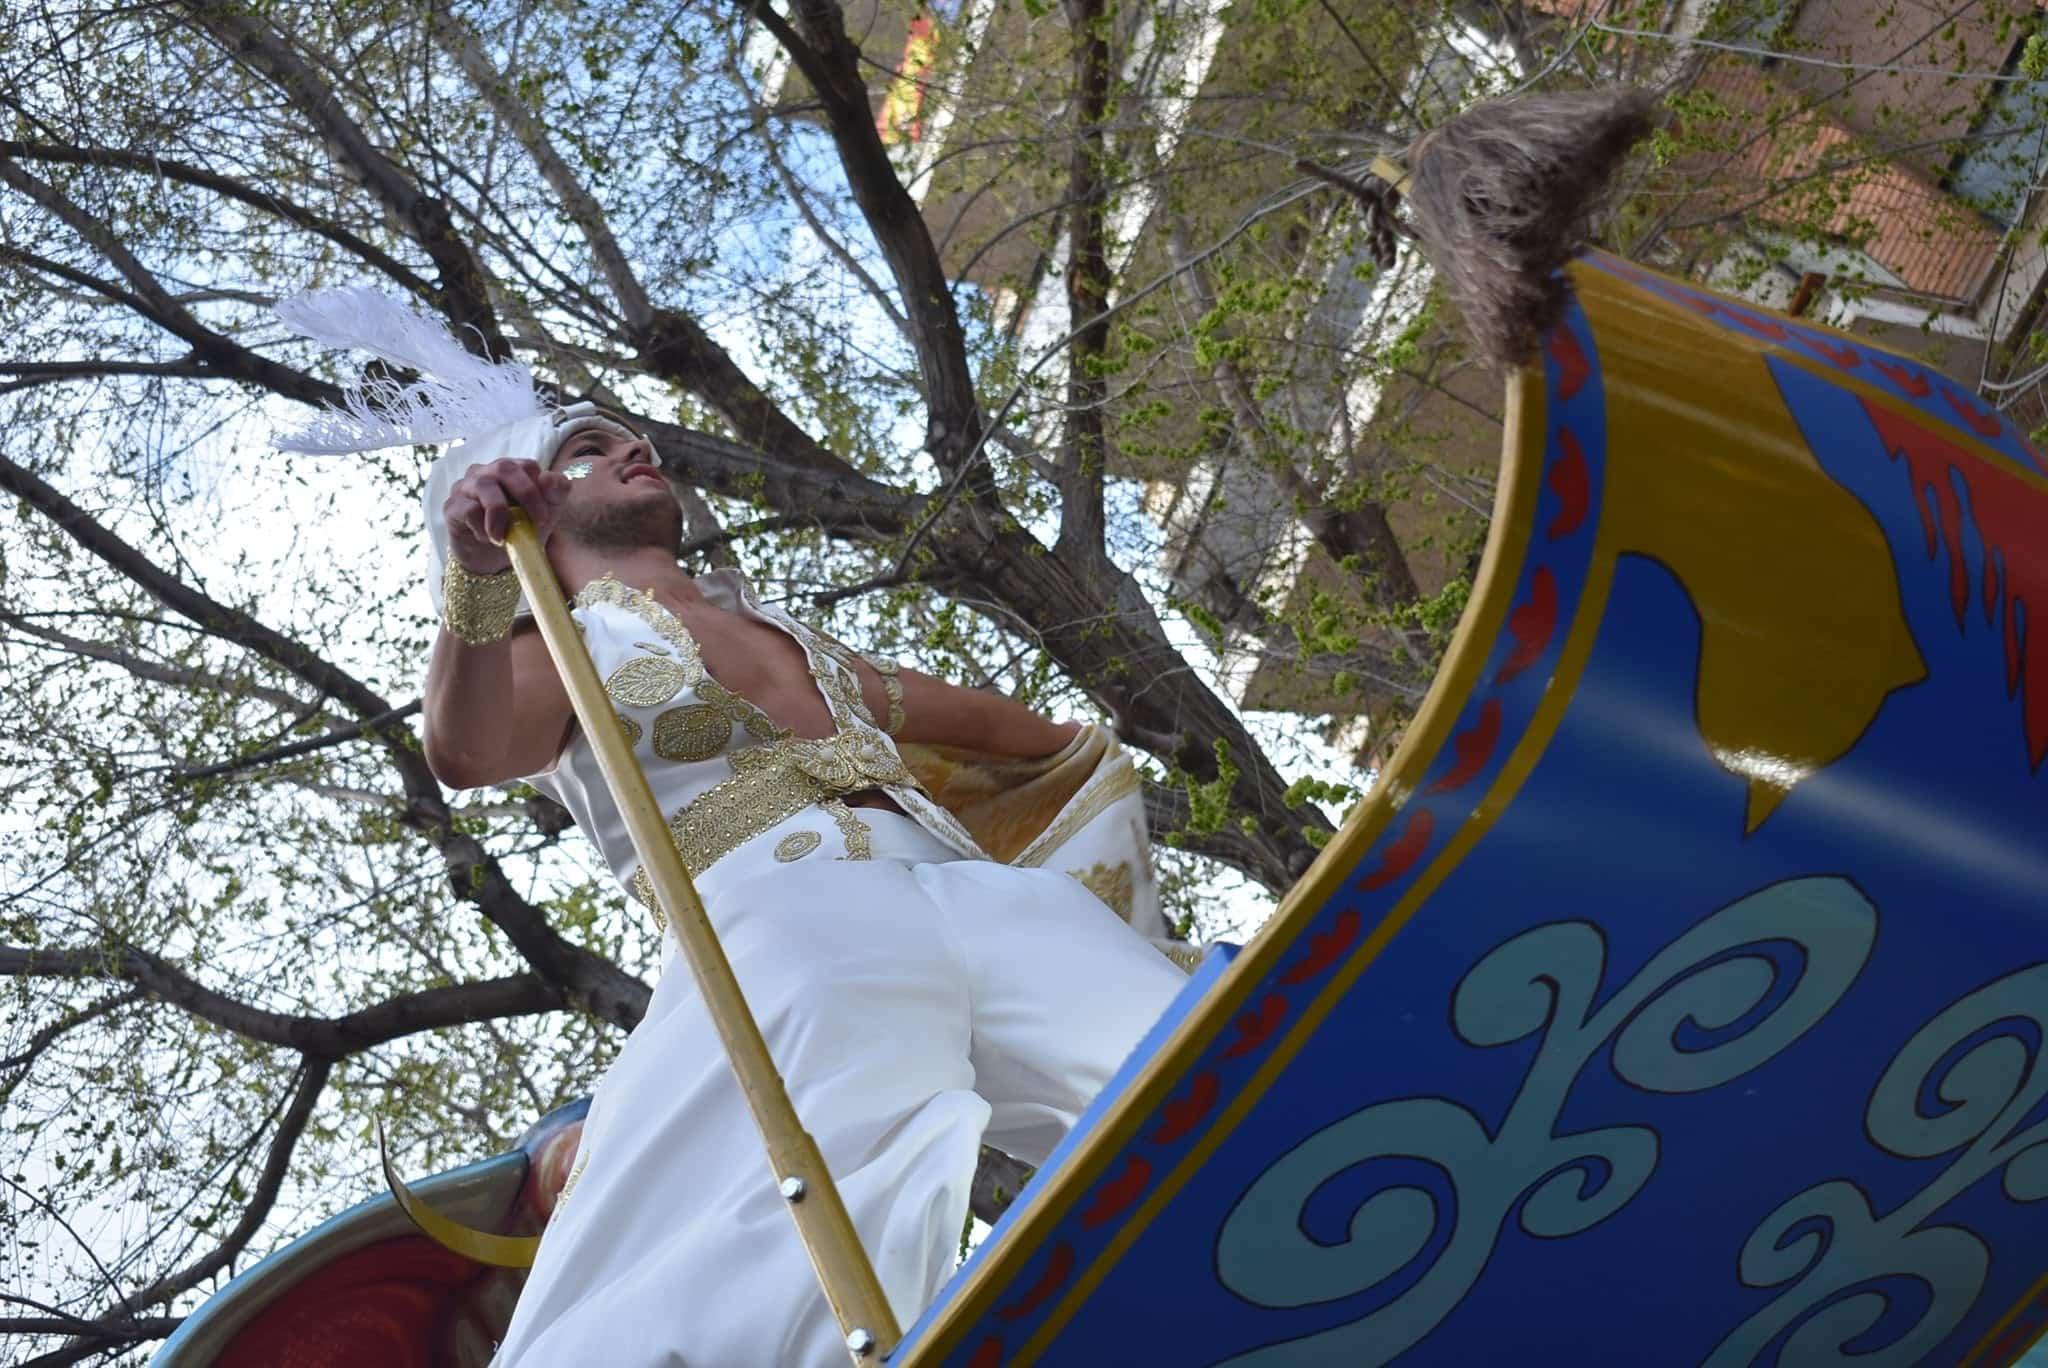 Carnaval de ciudad real 2020 axonsou arlequin oro herencia 25 - Axonsou se lleva el Arlequín de Oro en Ciudad Real